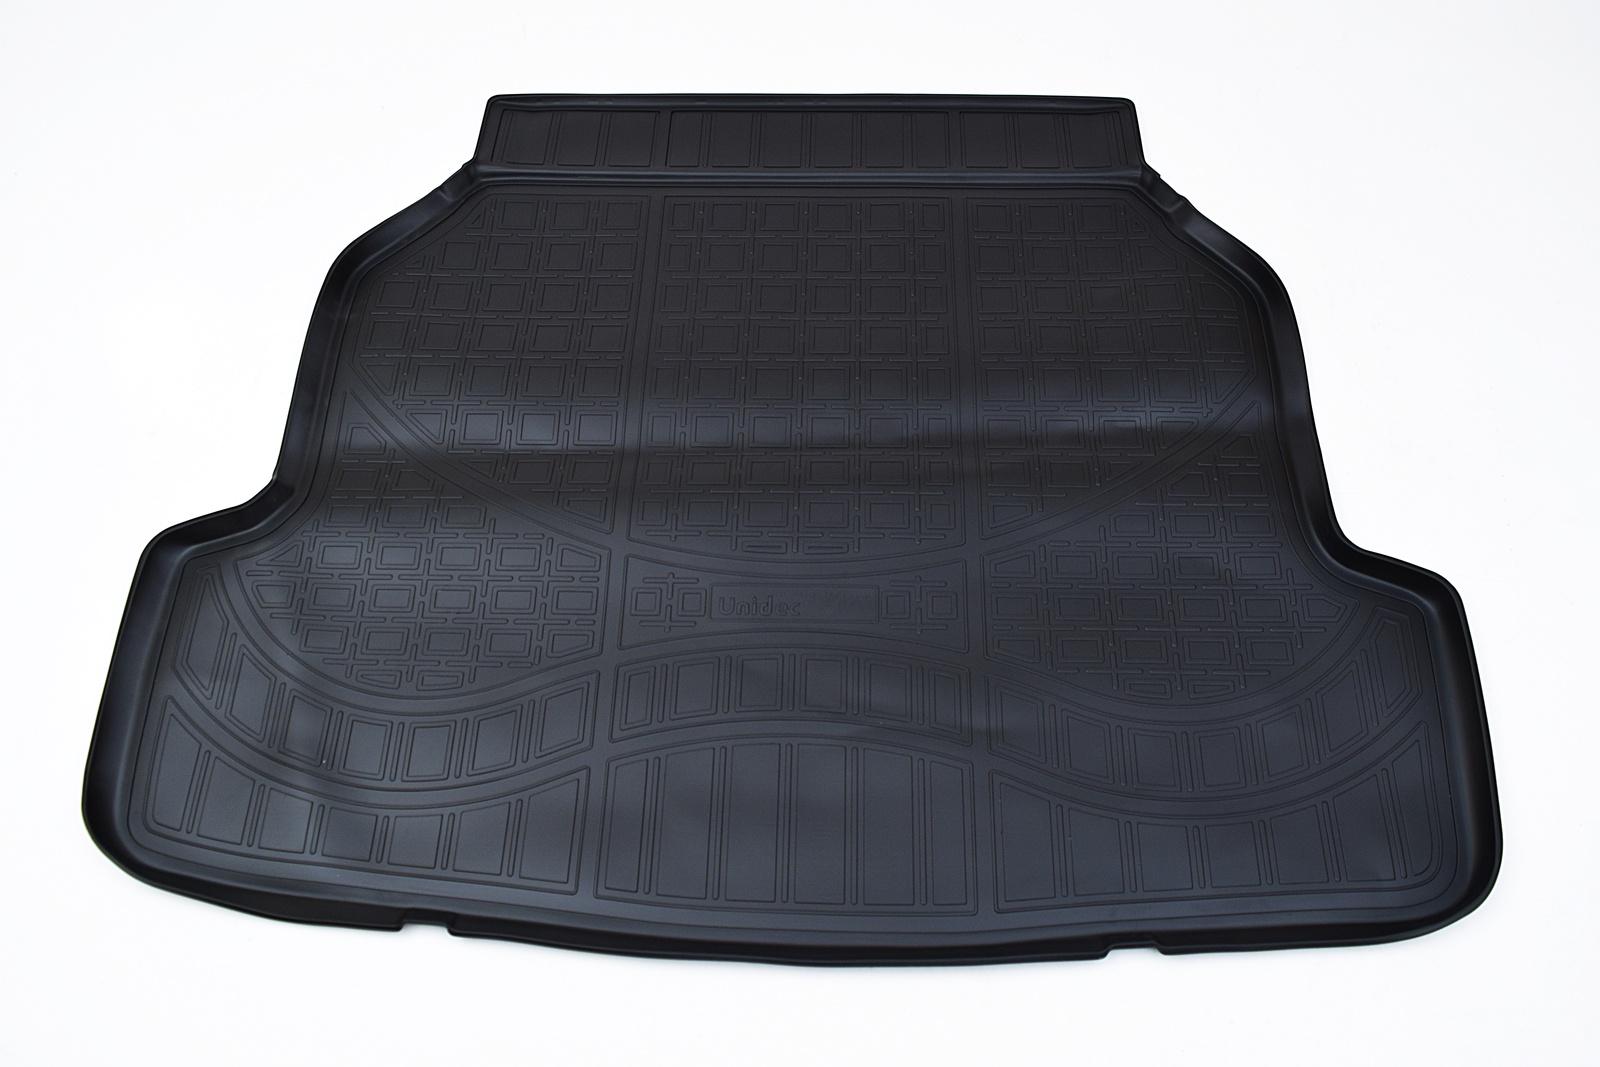 Коврик багажника для Renault Latitude (SD) (2010)NPA00-T69-300Точное прилегание Без неприятного запаха Высокие бортики Не скользятПодходит на:RENAULT Latitude 2010-2013Полиуретановые автомобильные коврики фирмы «Норпласт» надежно защищают обшивку салона и багажника от влаги и загрязнений. Это высококачественное изделие, которое гарантированно прослужит длительный срок. Каждый комплект ковриков производится индивидуально для определённой модели автомобиля. На этапе разработки изделий применяется технология 3D сканирования салона, благодаря чему, каждый коврик имеет оригинальную форму, которая точно повторяет контур пола или багажного отделения автомобиля.